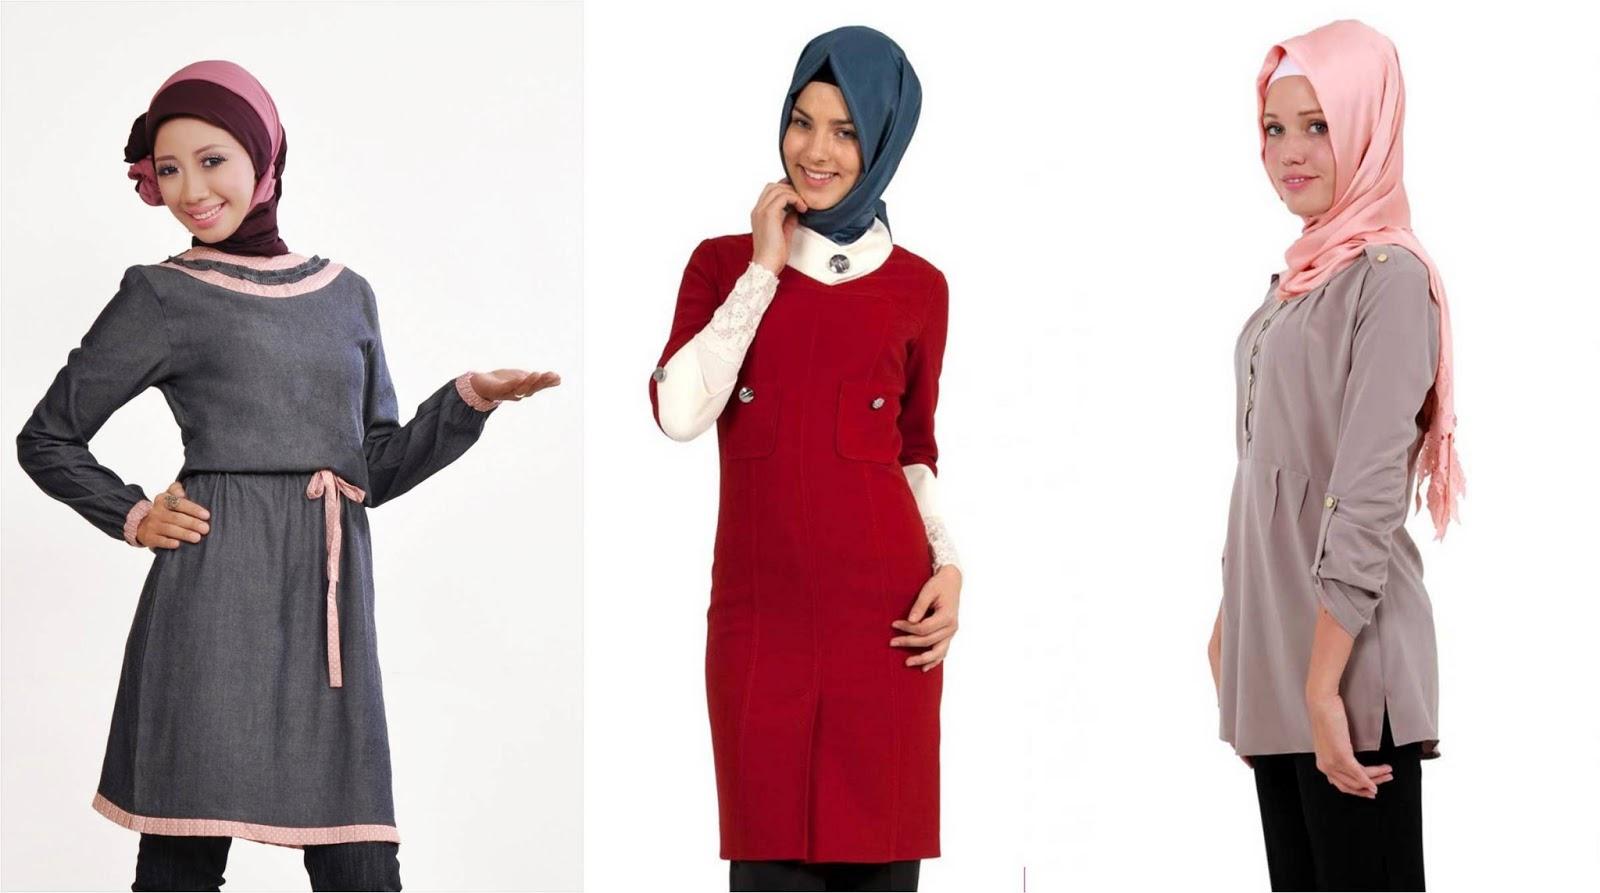 ... muslimah dan beberapa gambar-model busana kerja muslimah , semoga